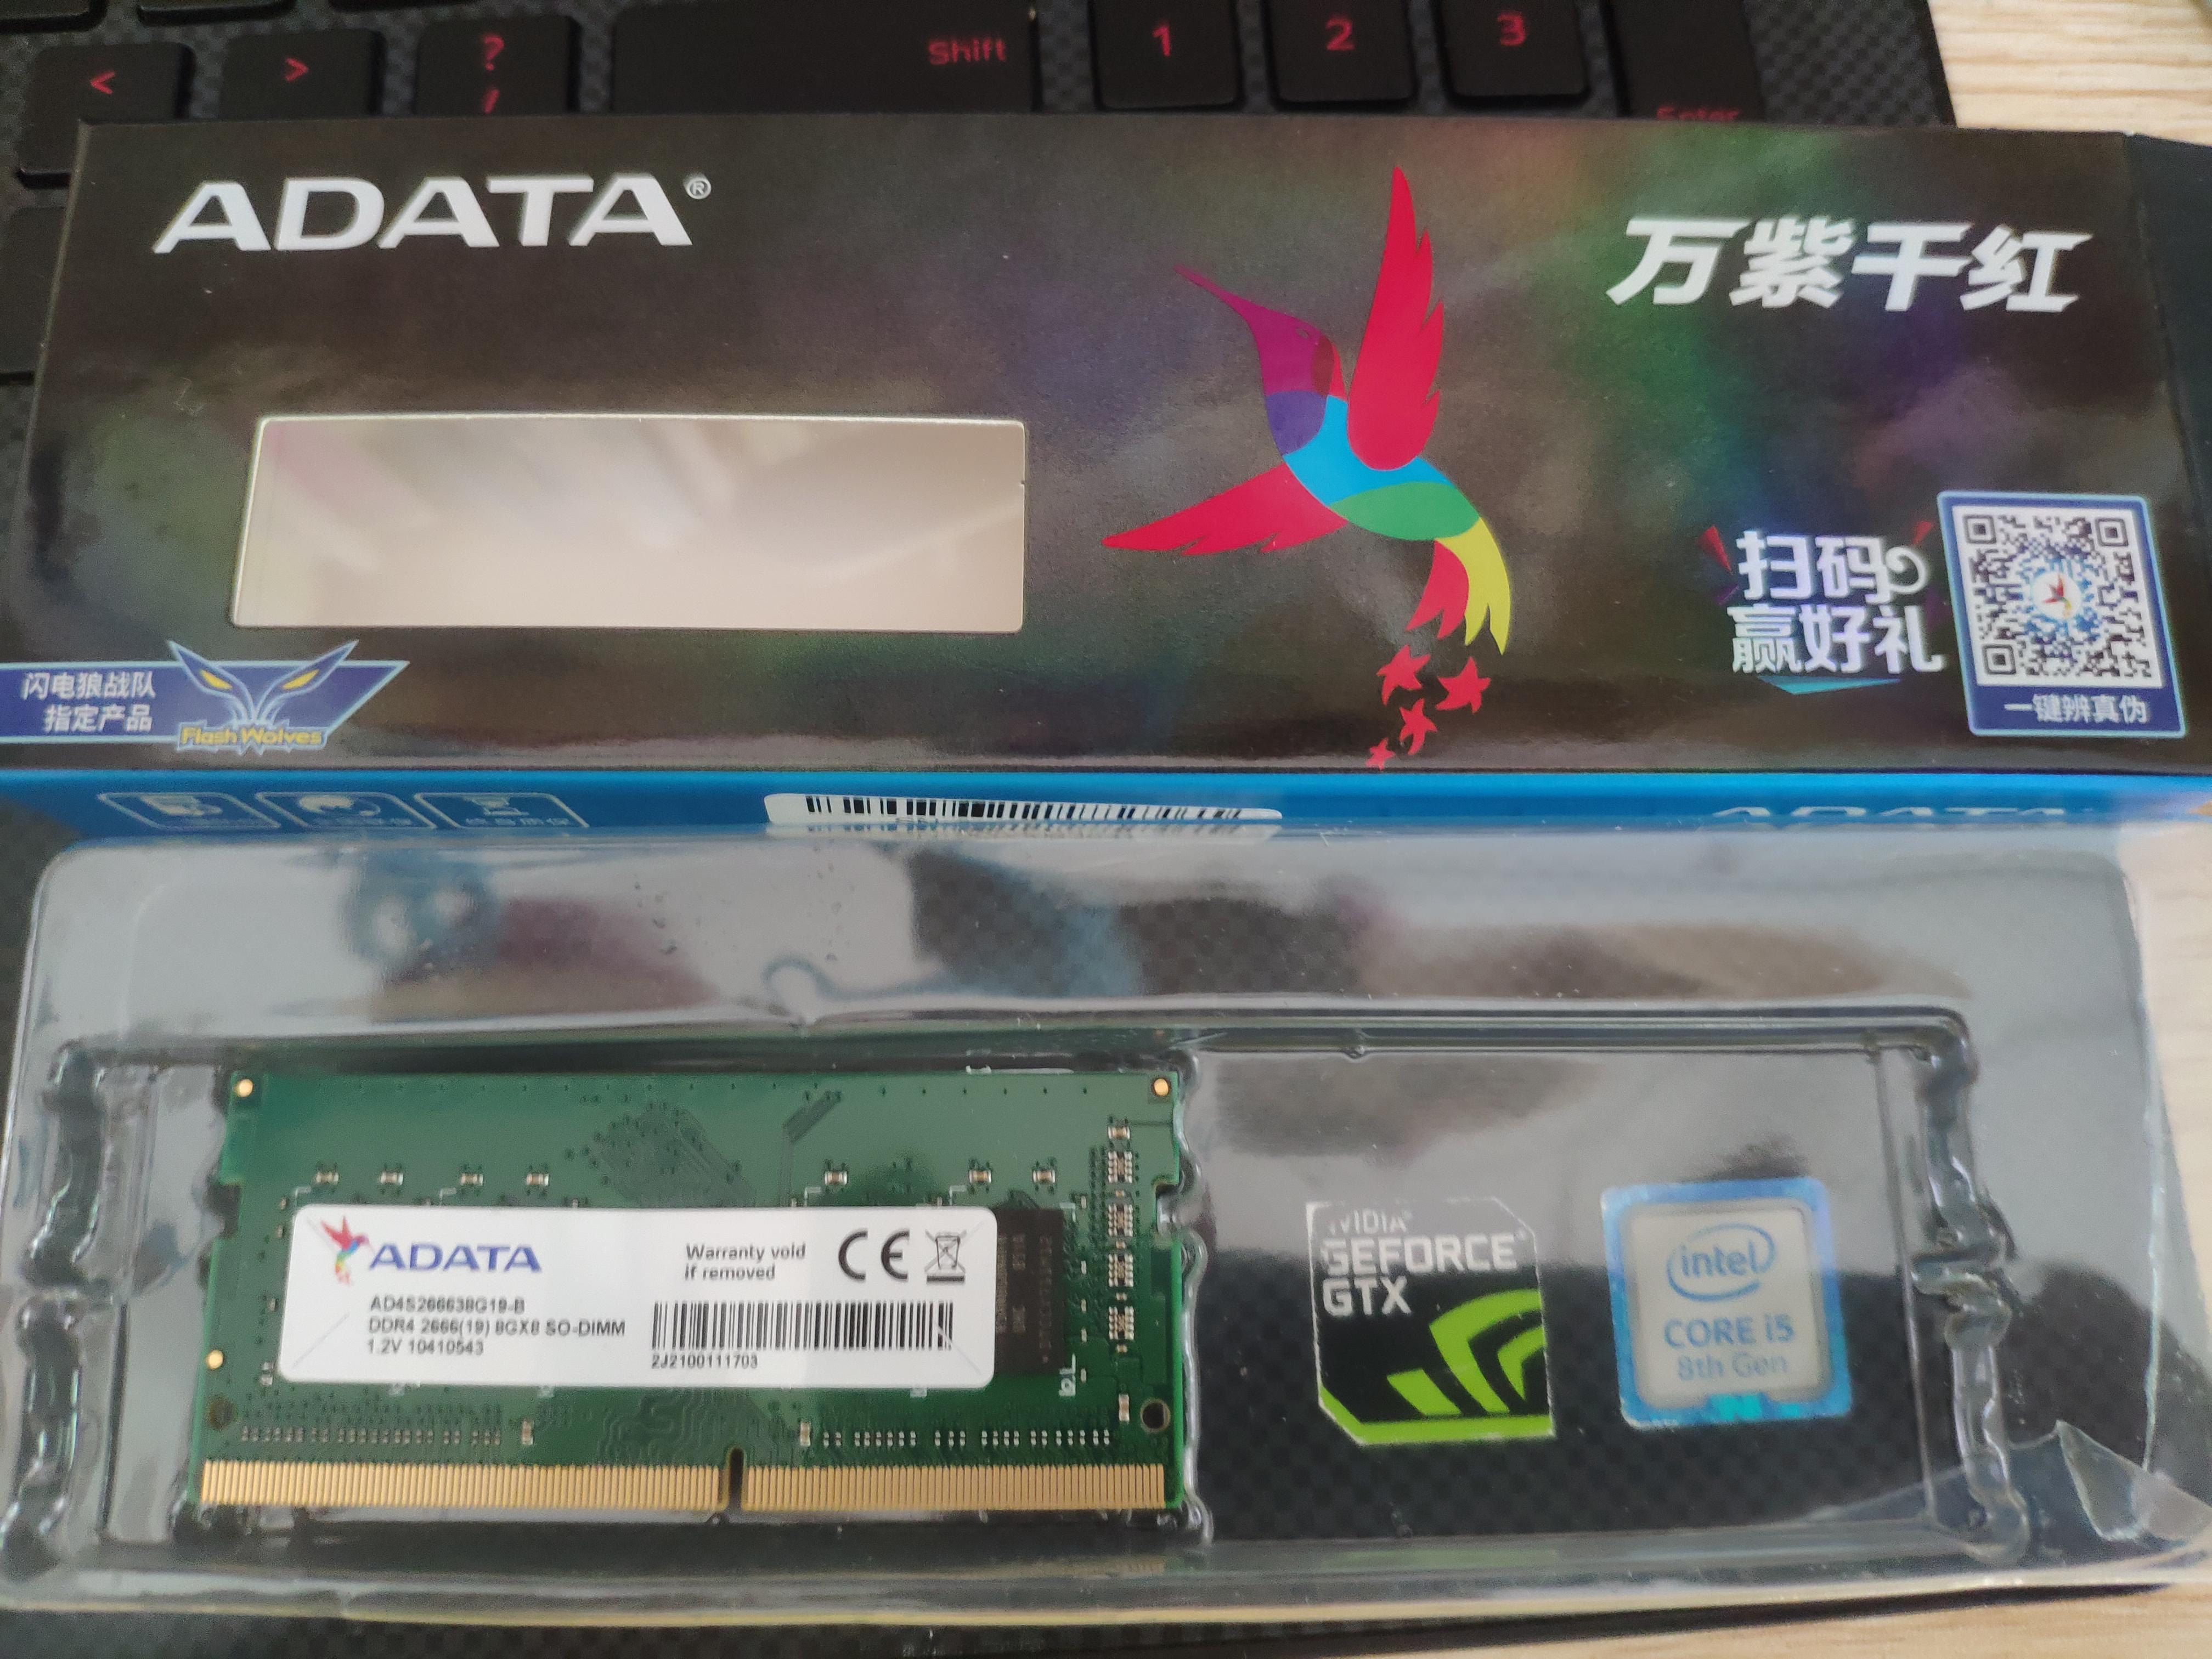 笔记本电脑加内存卡_戴尔G3 3579笔记本电脑更换NVMe固态硬盘与加内存 - 知乎